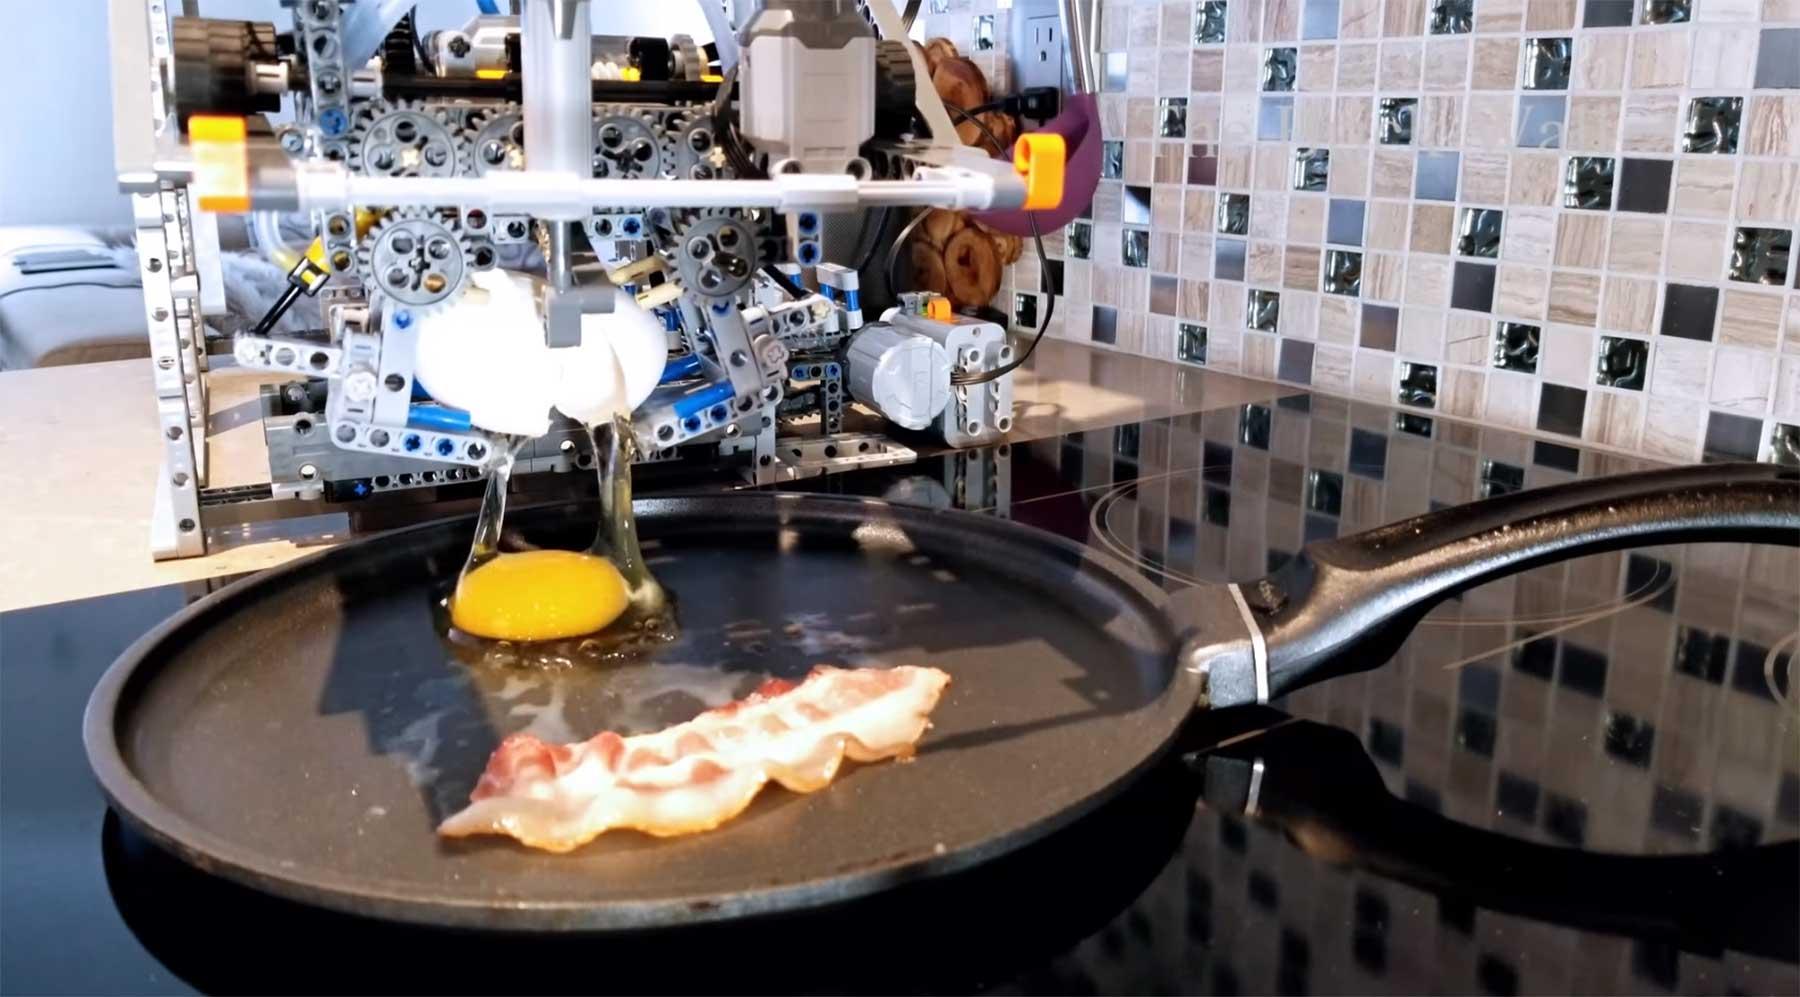 Diese LEGO-Maschine macht dir Frühstück